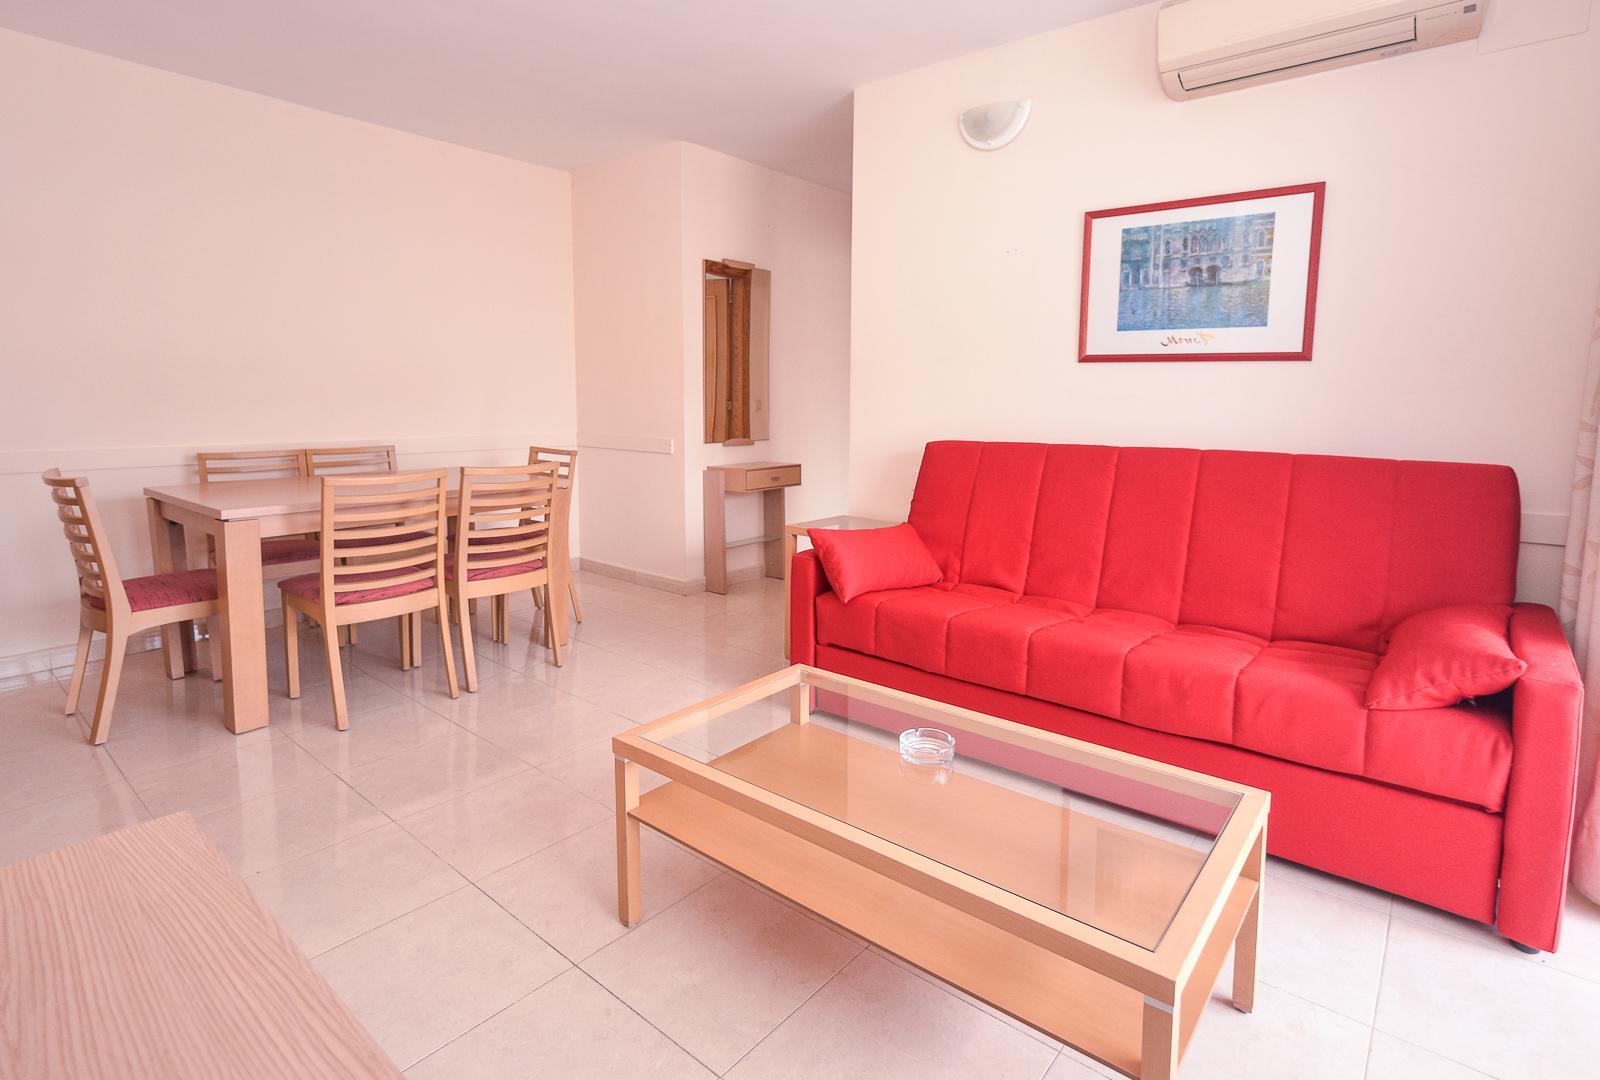 Distribuidos en los siguientes ambientes: Alquiler de apartamentos en la Playa de Gandia, Valencia ...